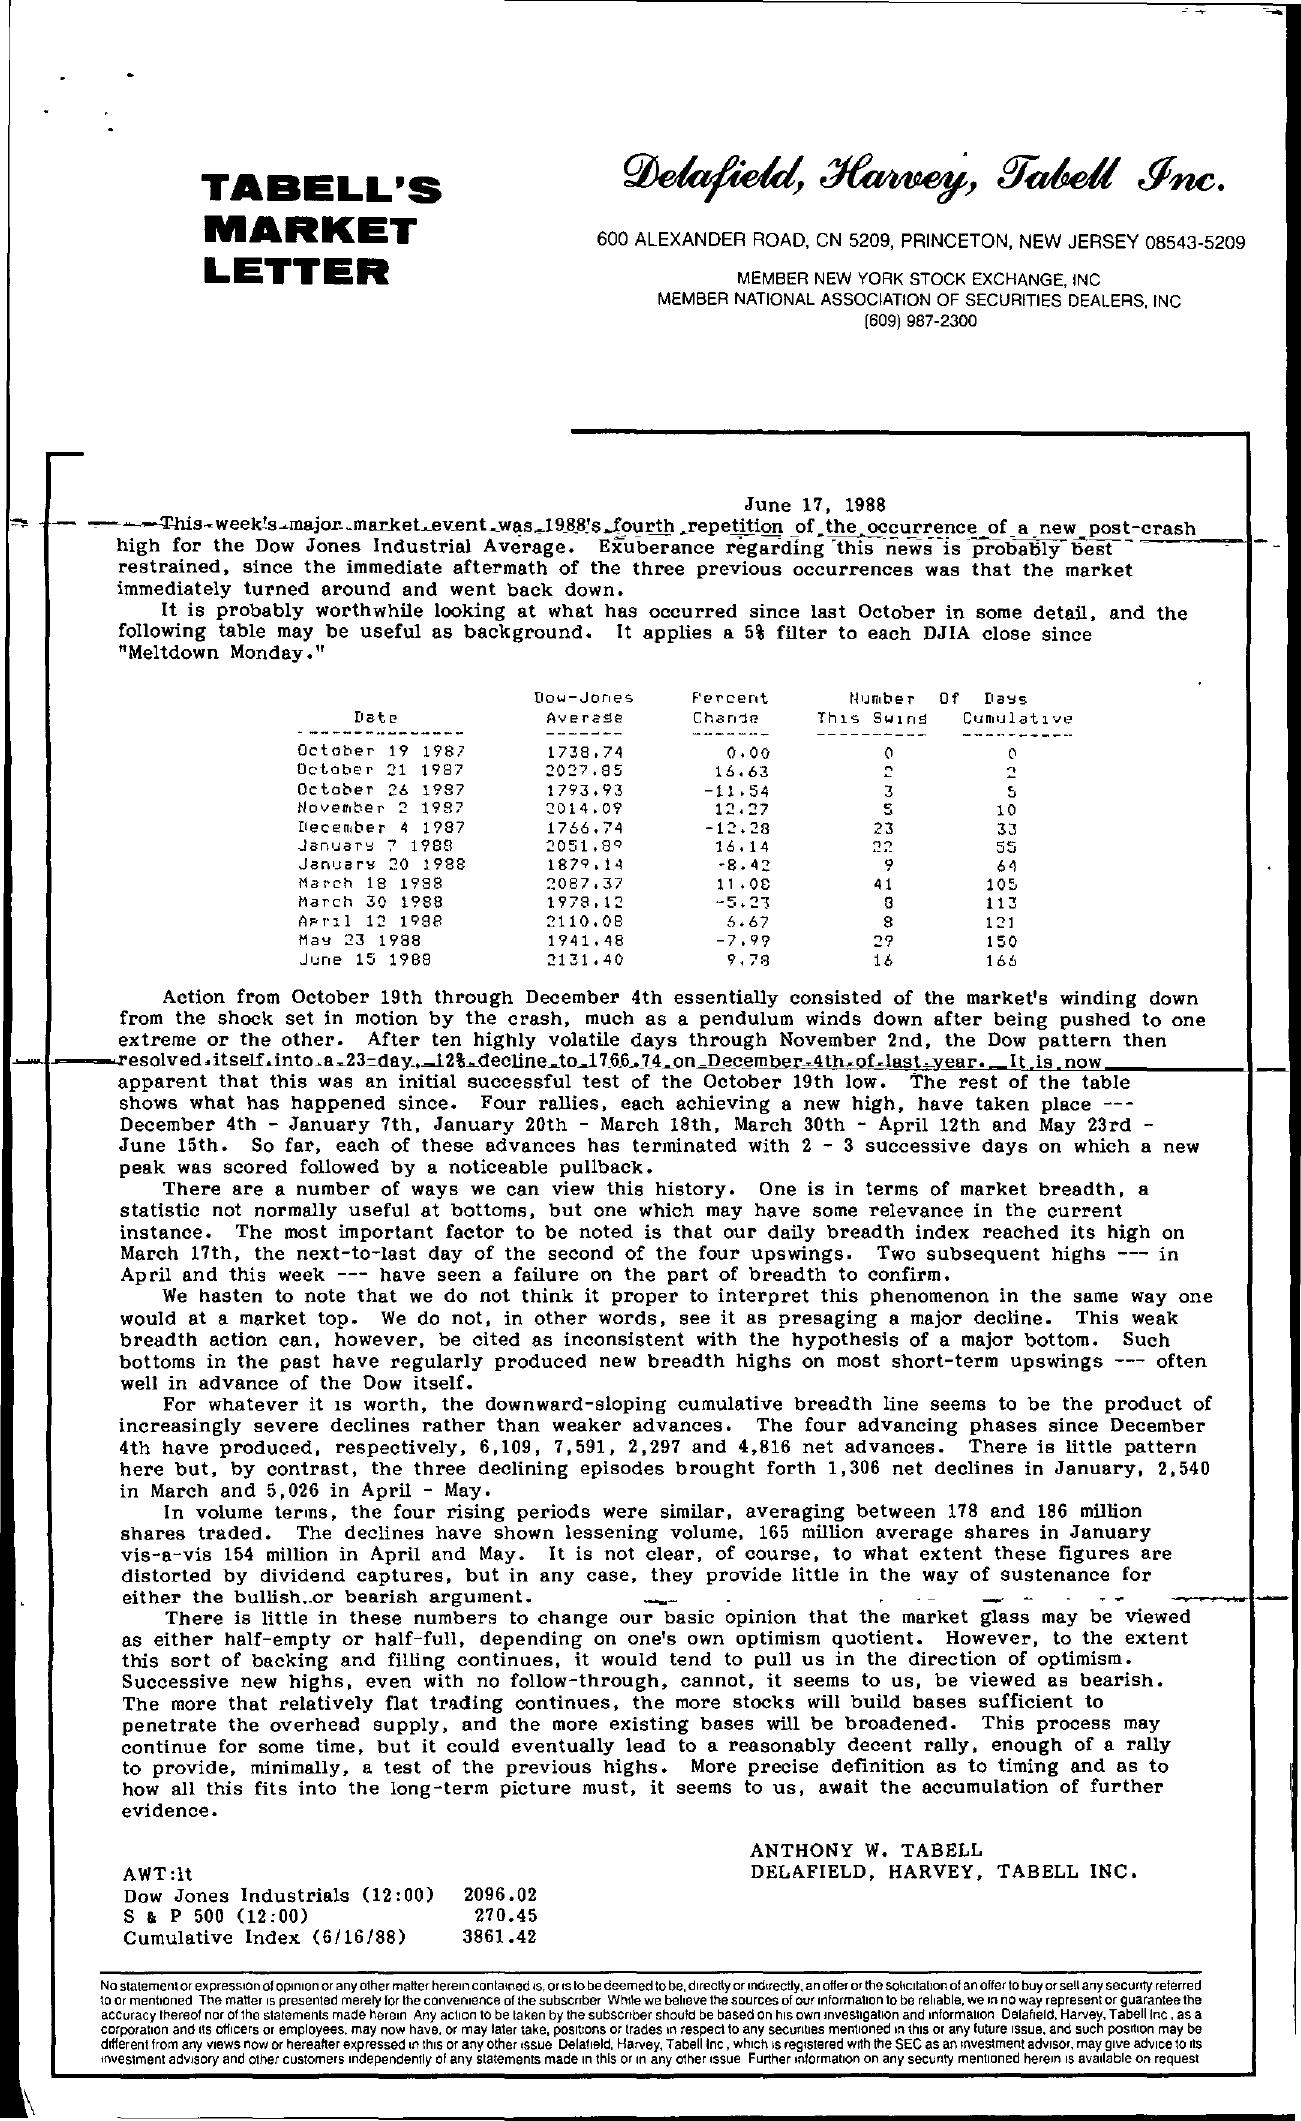 Tabell's Market Letter - June 17, 1988